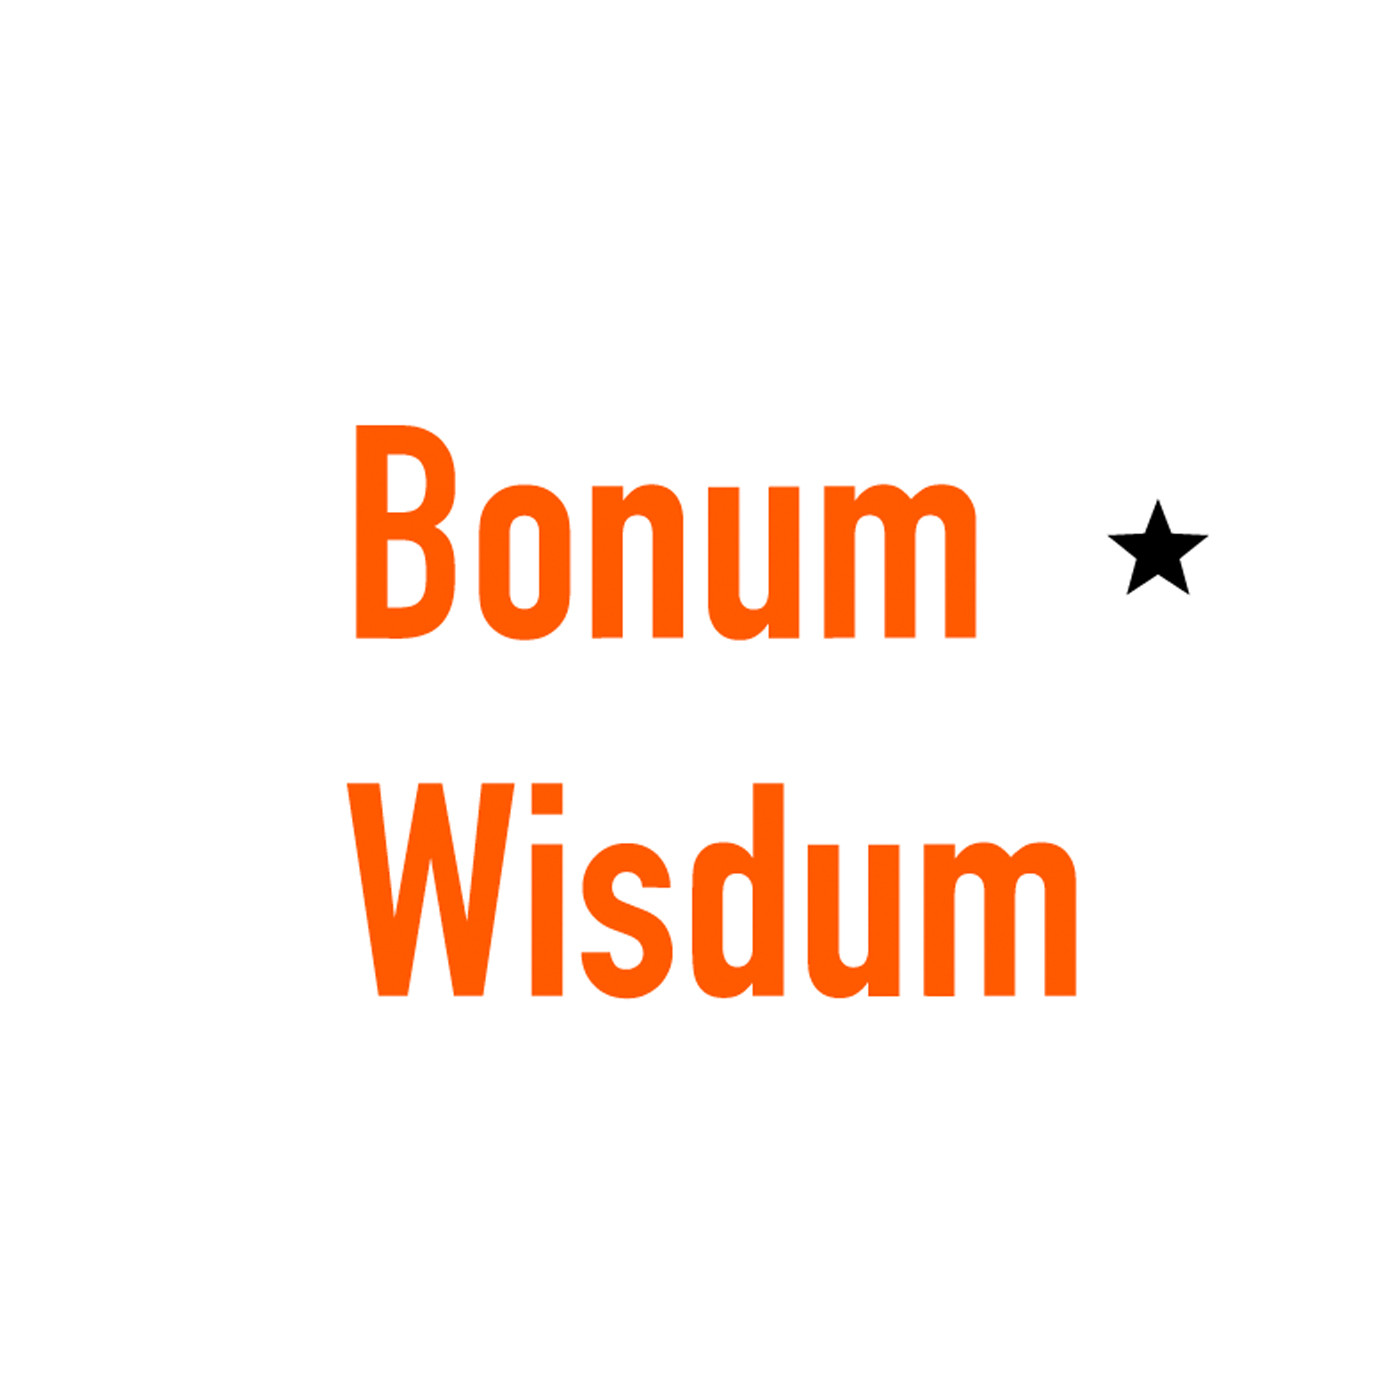 Bonum Wisdum